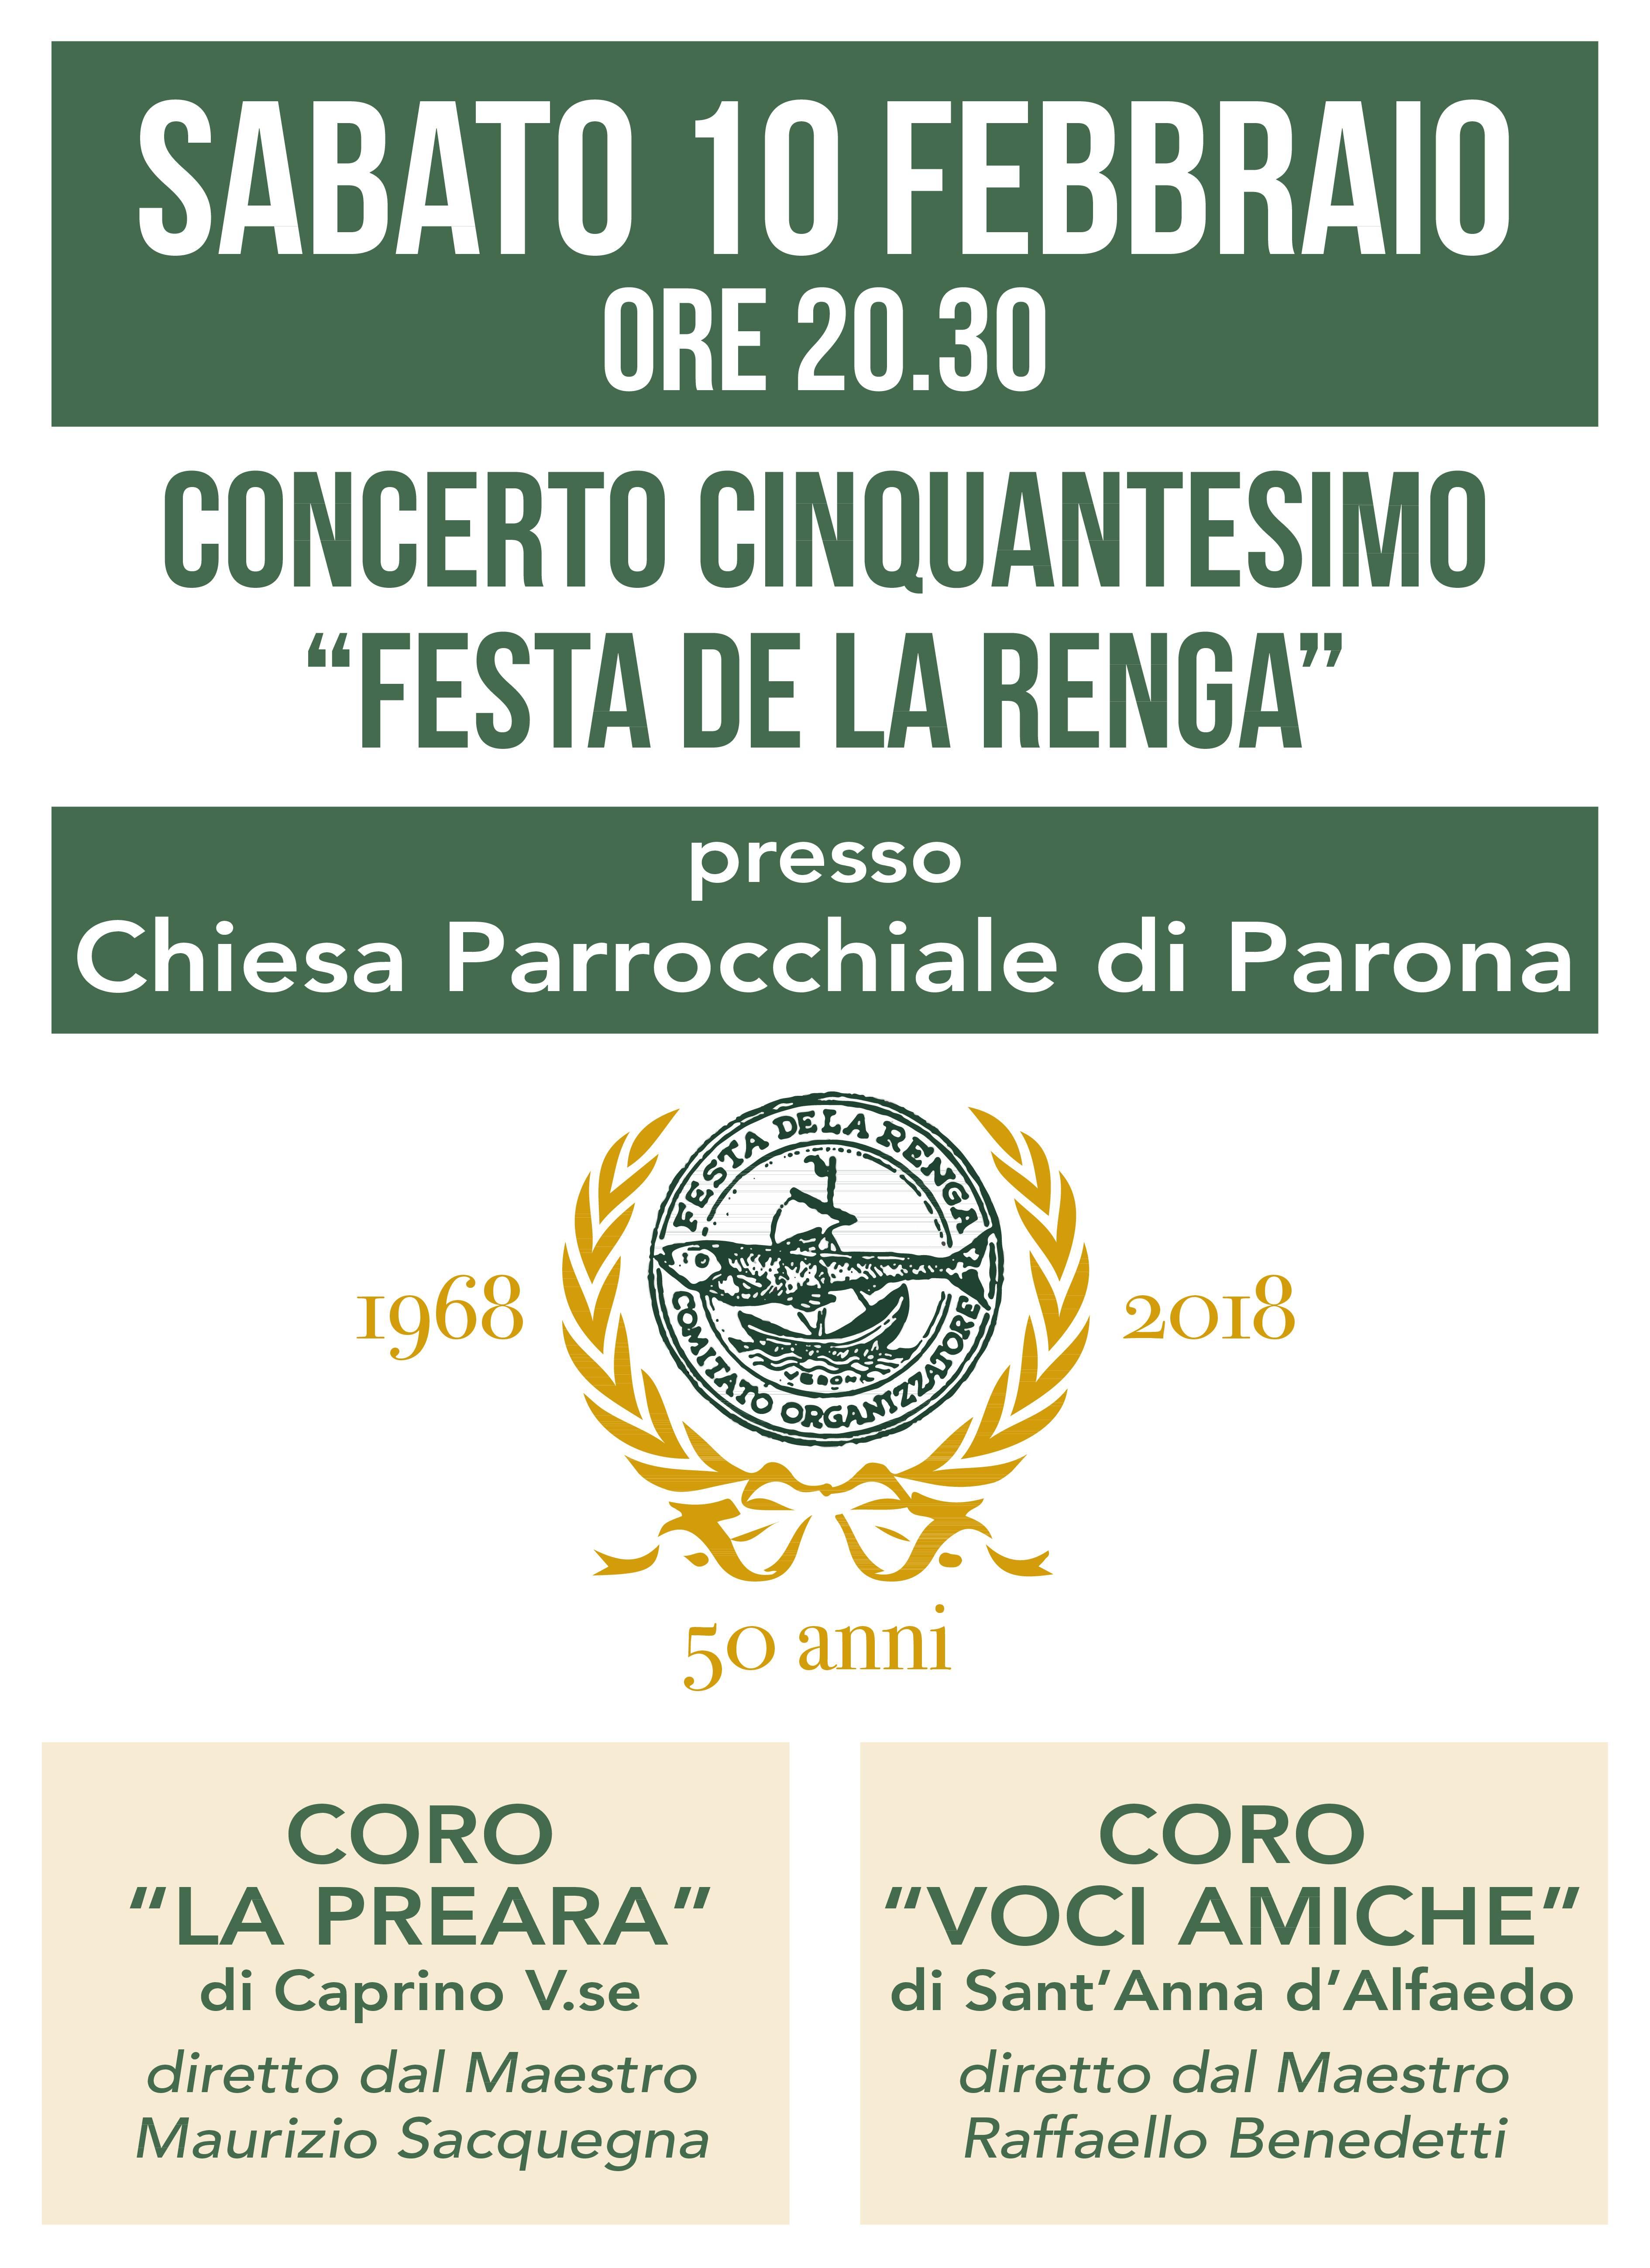 Festa della Renga - Locandina Concerto Cinquantesimo